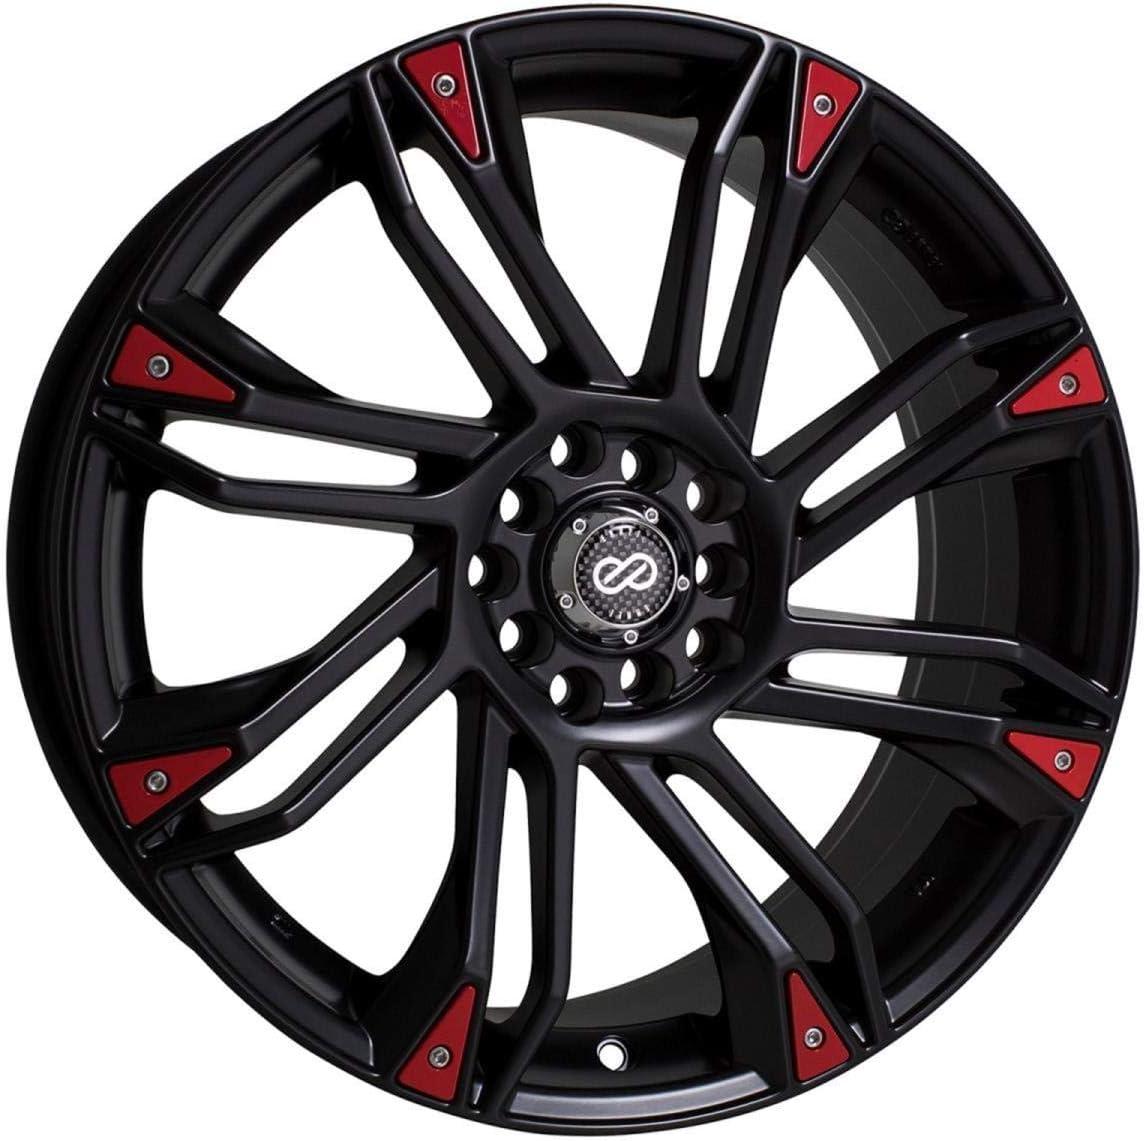 Enkei GW8 (18 x 7.5, 5 x 100 & 5 x 114.3) 42mm Offset, Black, (1) Wheel/Rim